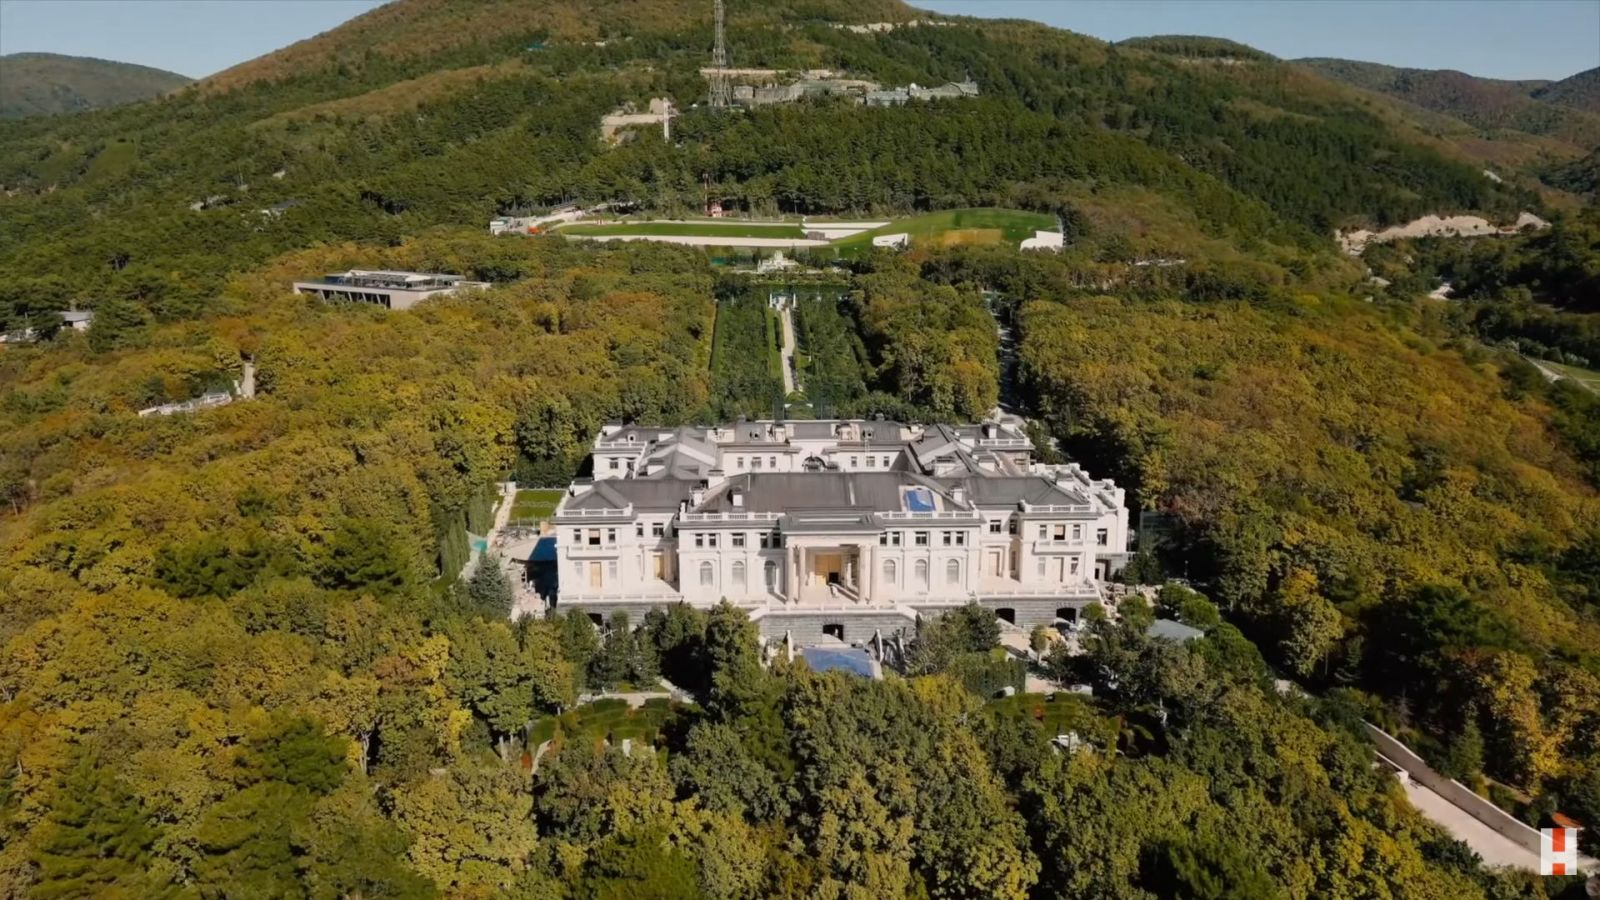 Z milenky-upratovačky spravil milionárku, za toaletnú kefu zaplatil 700 eur. Vieme, kto vraj Putinovi postavil palác za miliardu